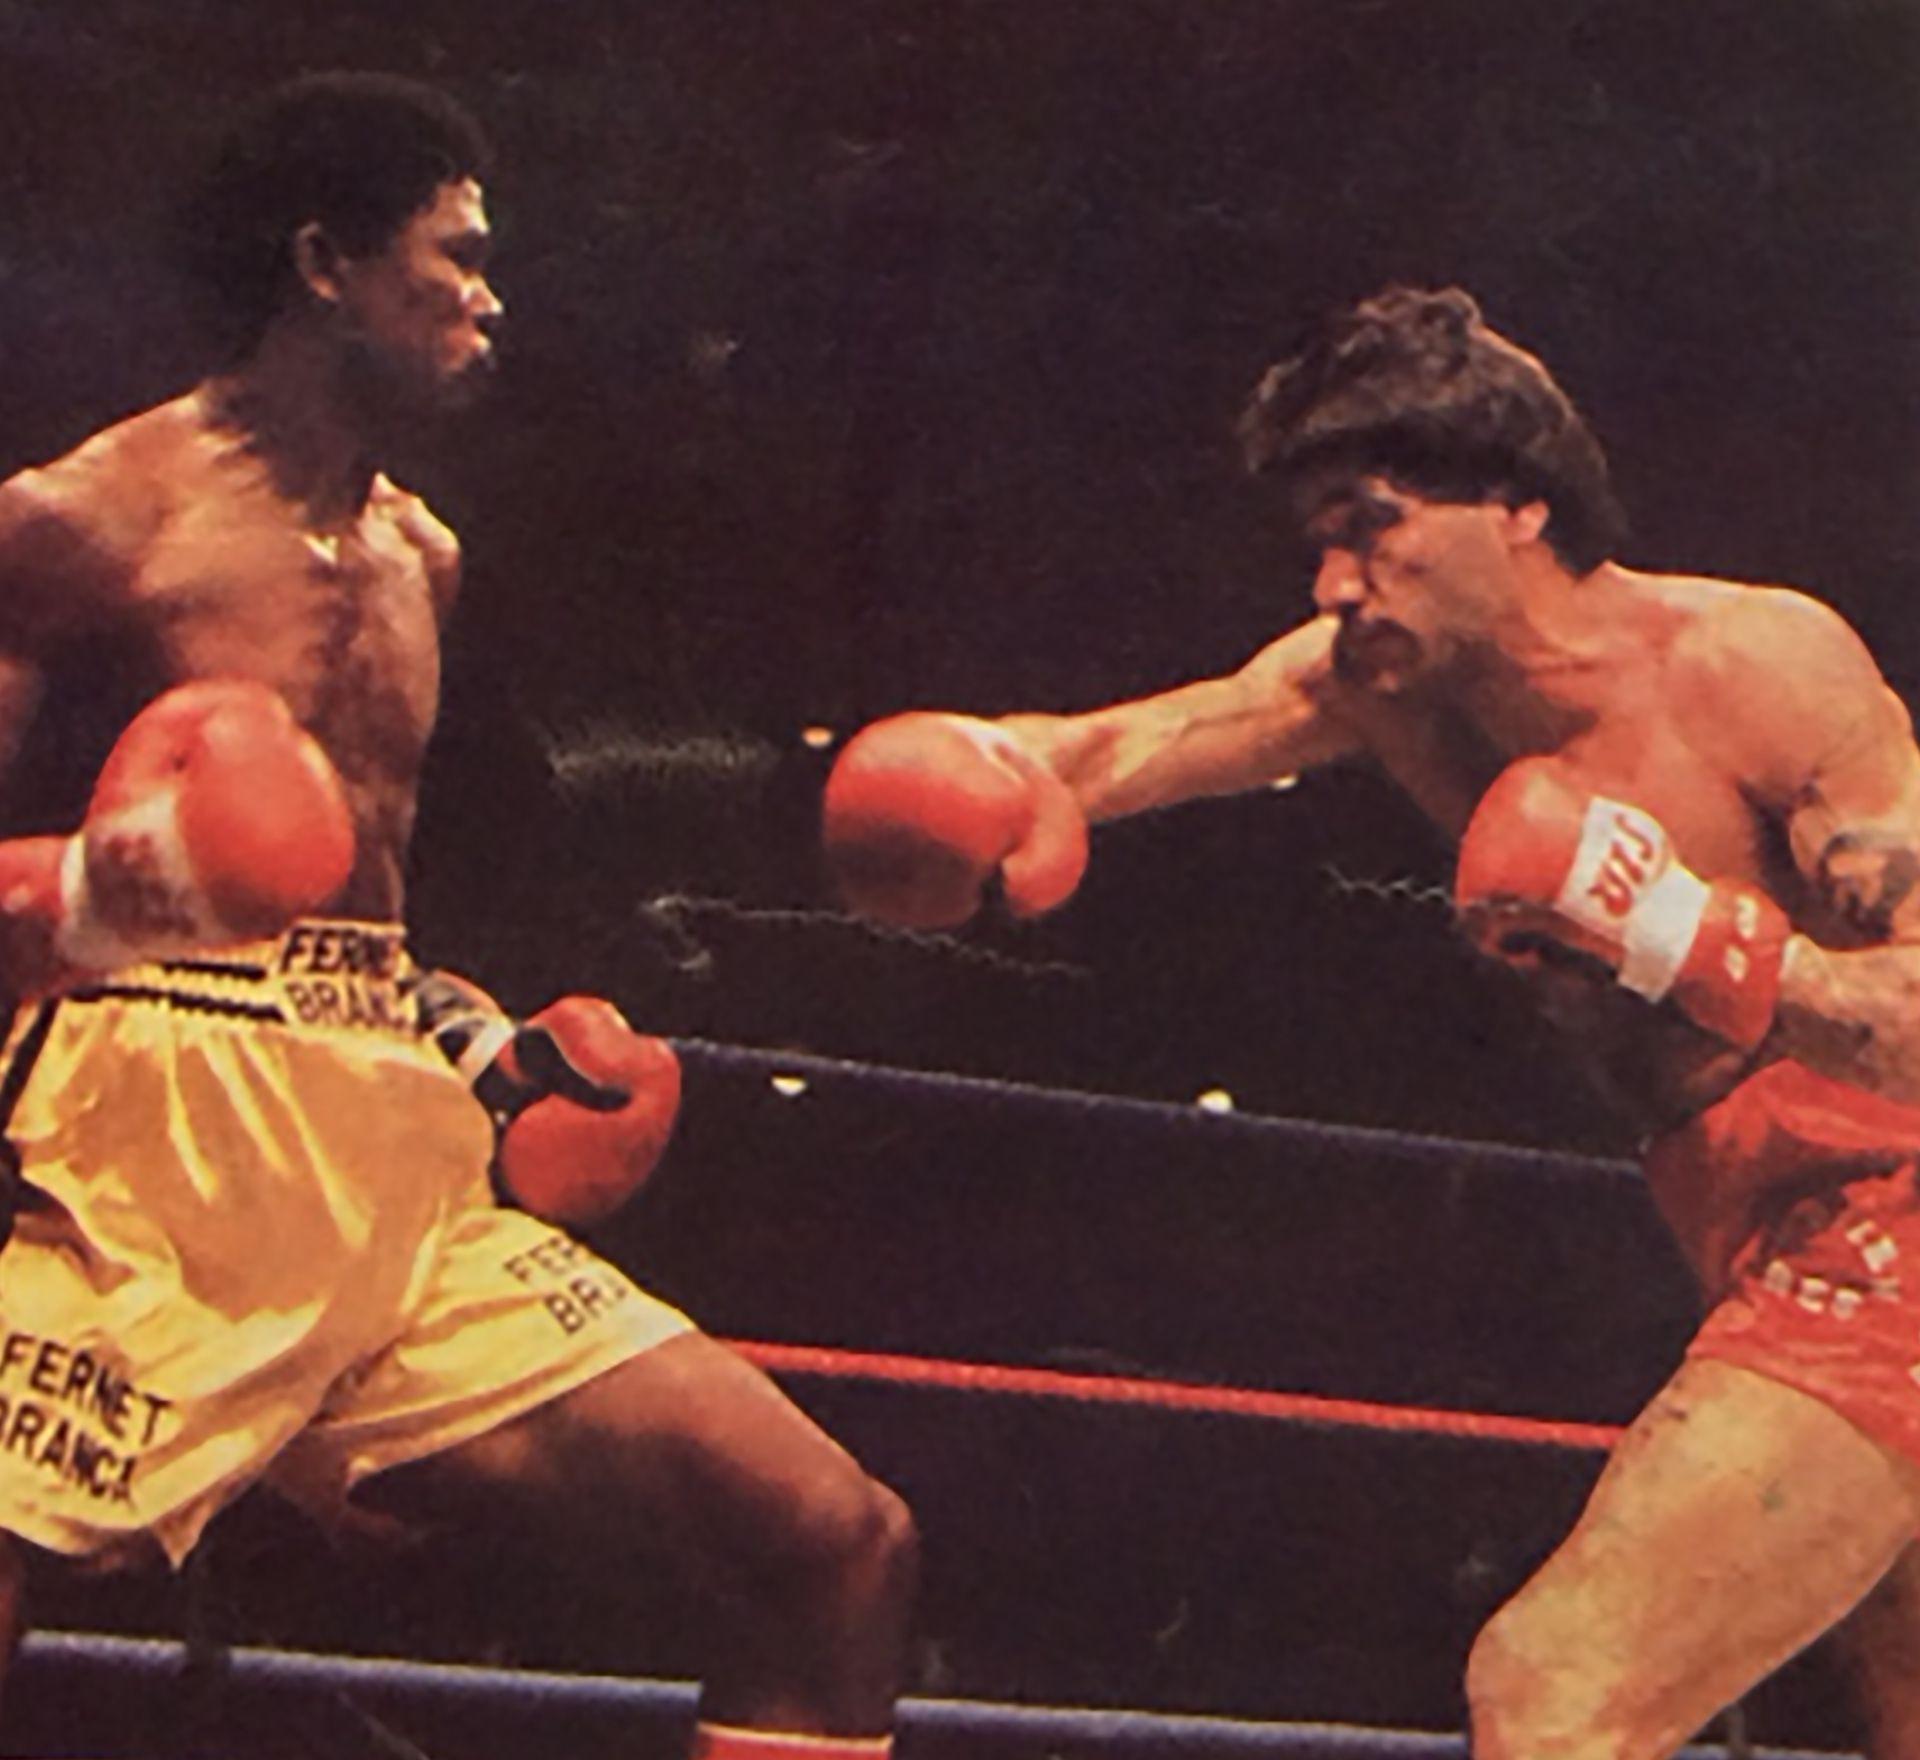 Romero en su última pelea, con el venezolano Fulgencio Obelmejías, donde perdió la oportunidad de pelear por el título del mundo.